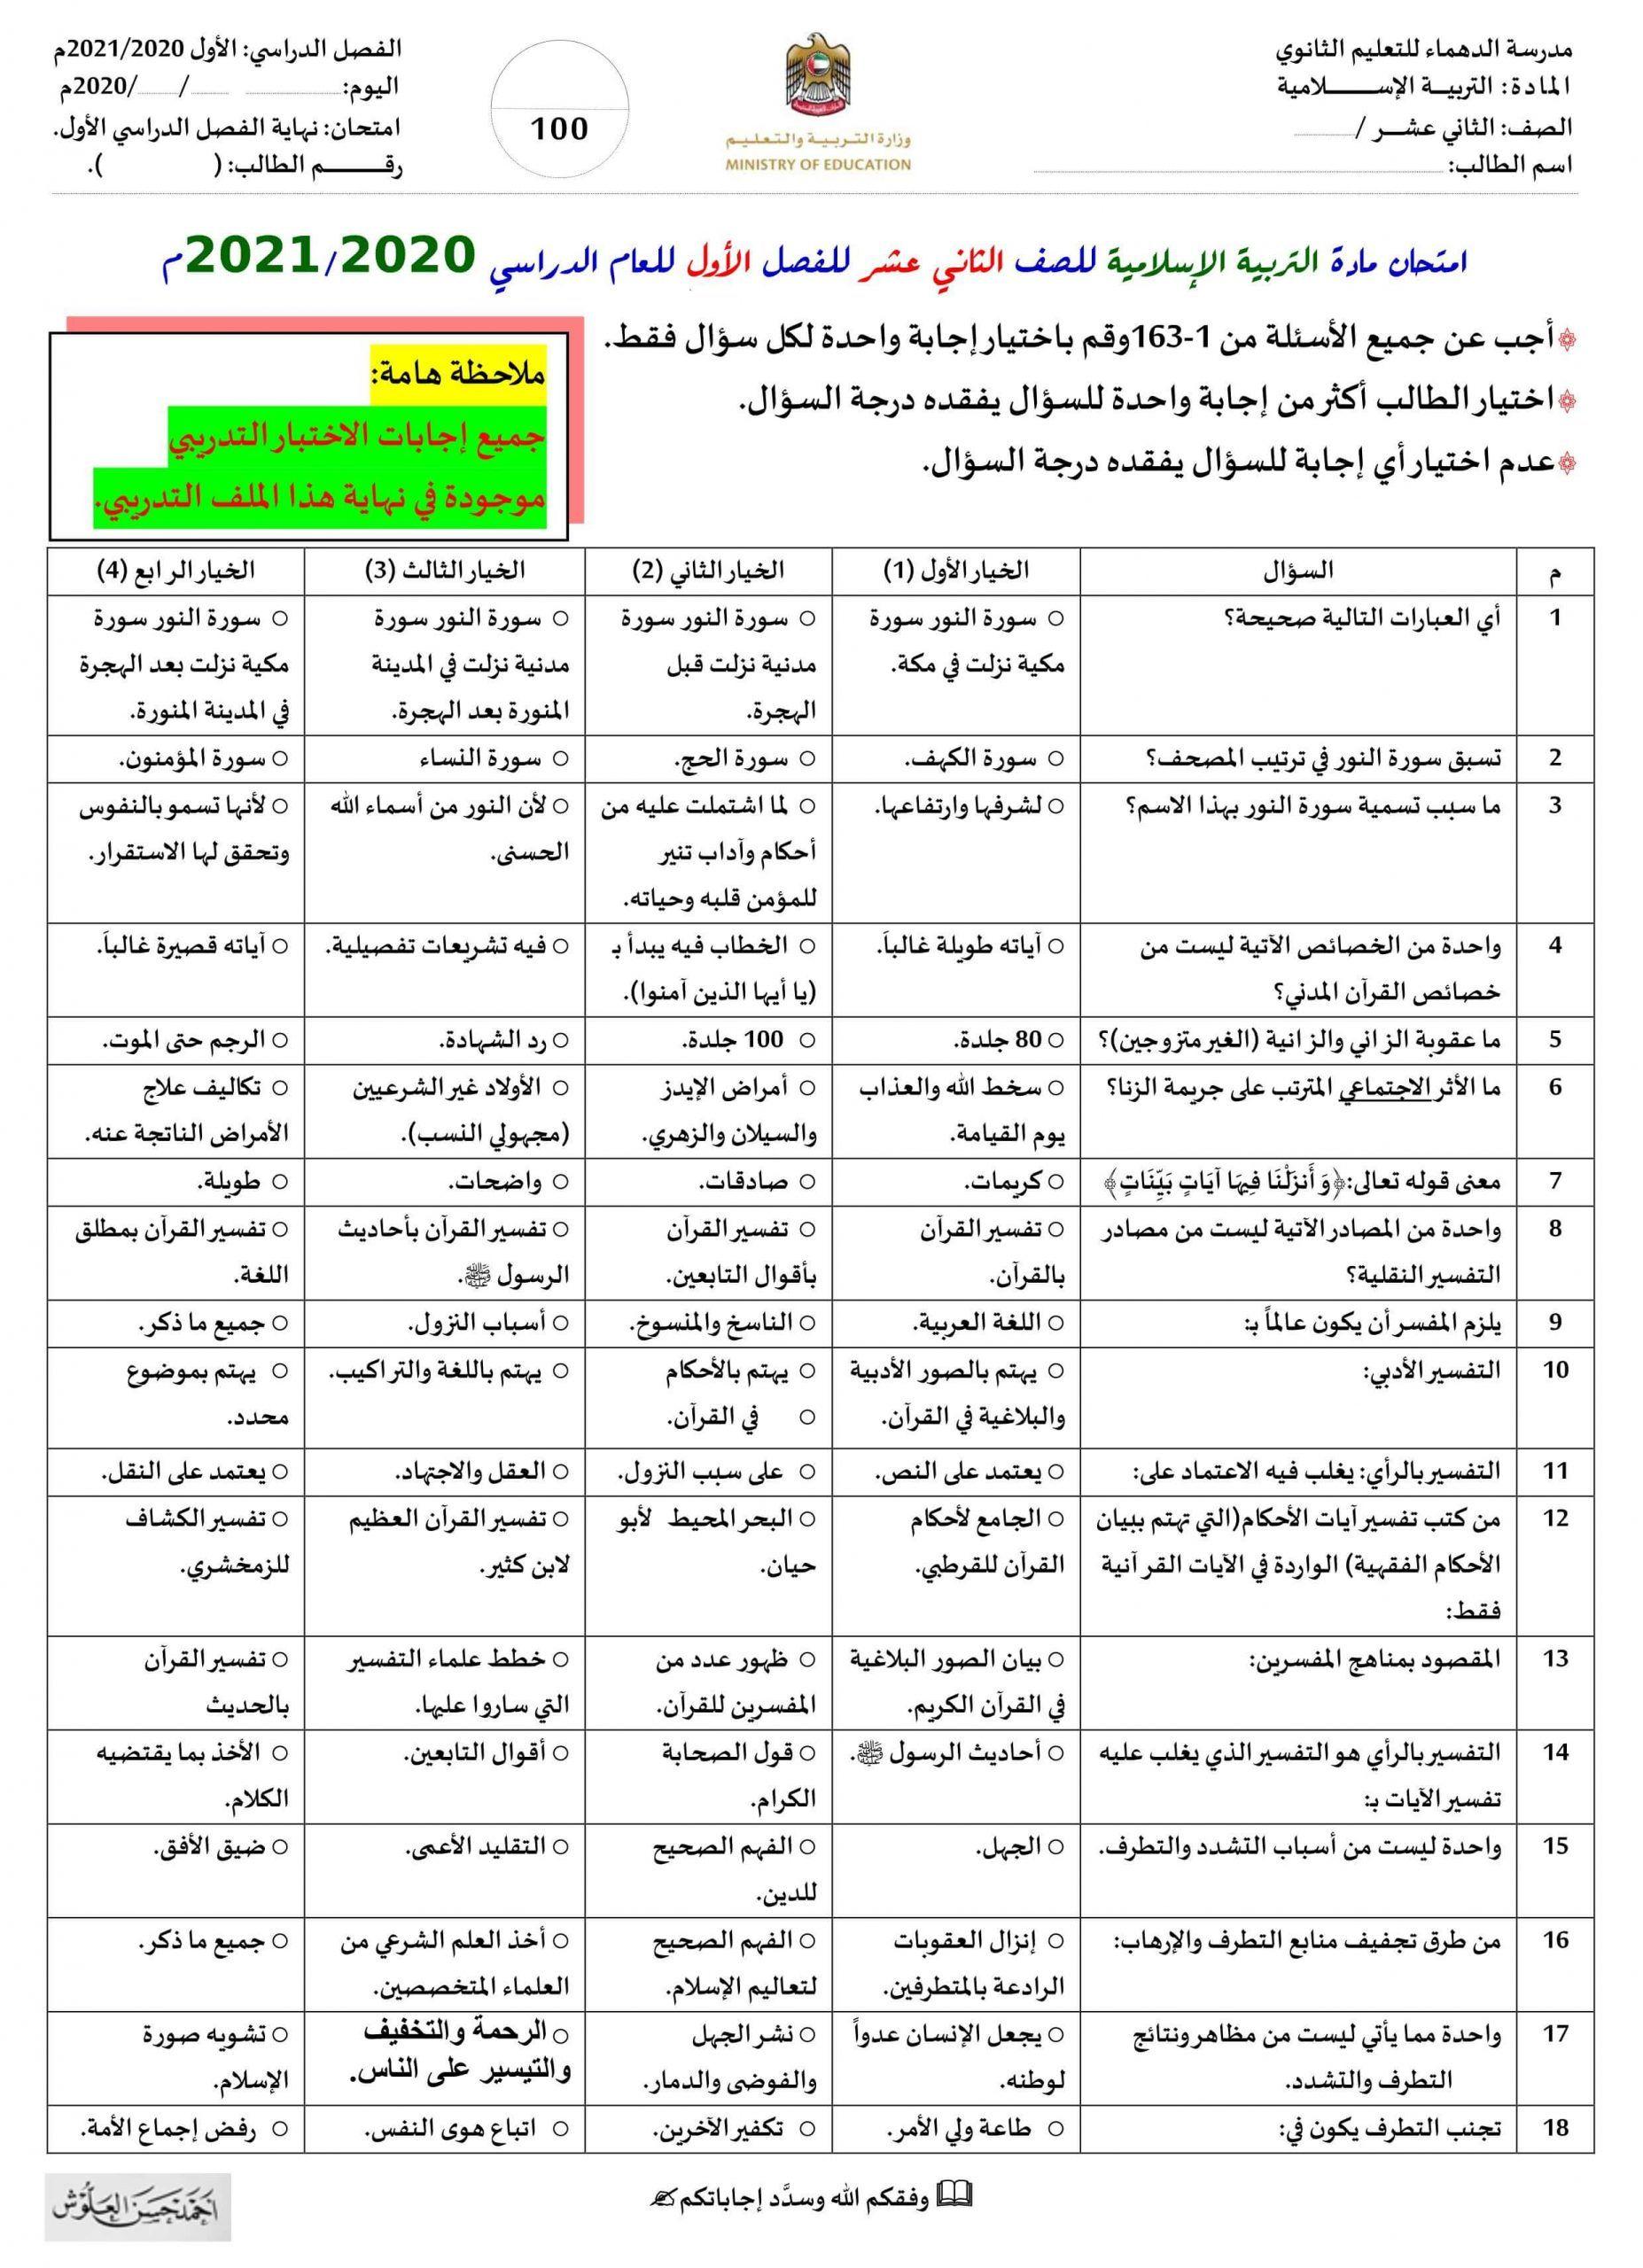 حل الاختبار التدريبي الصف الثاني عشر مادة التربية الاسلامية Abs